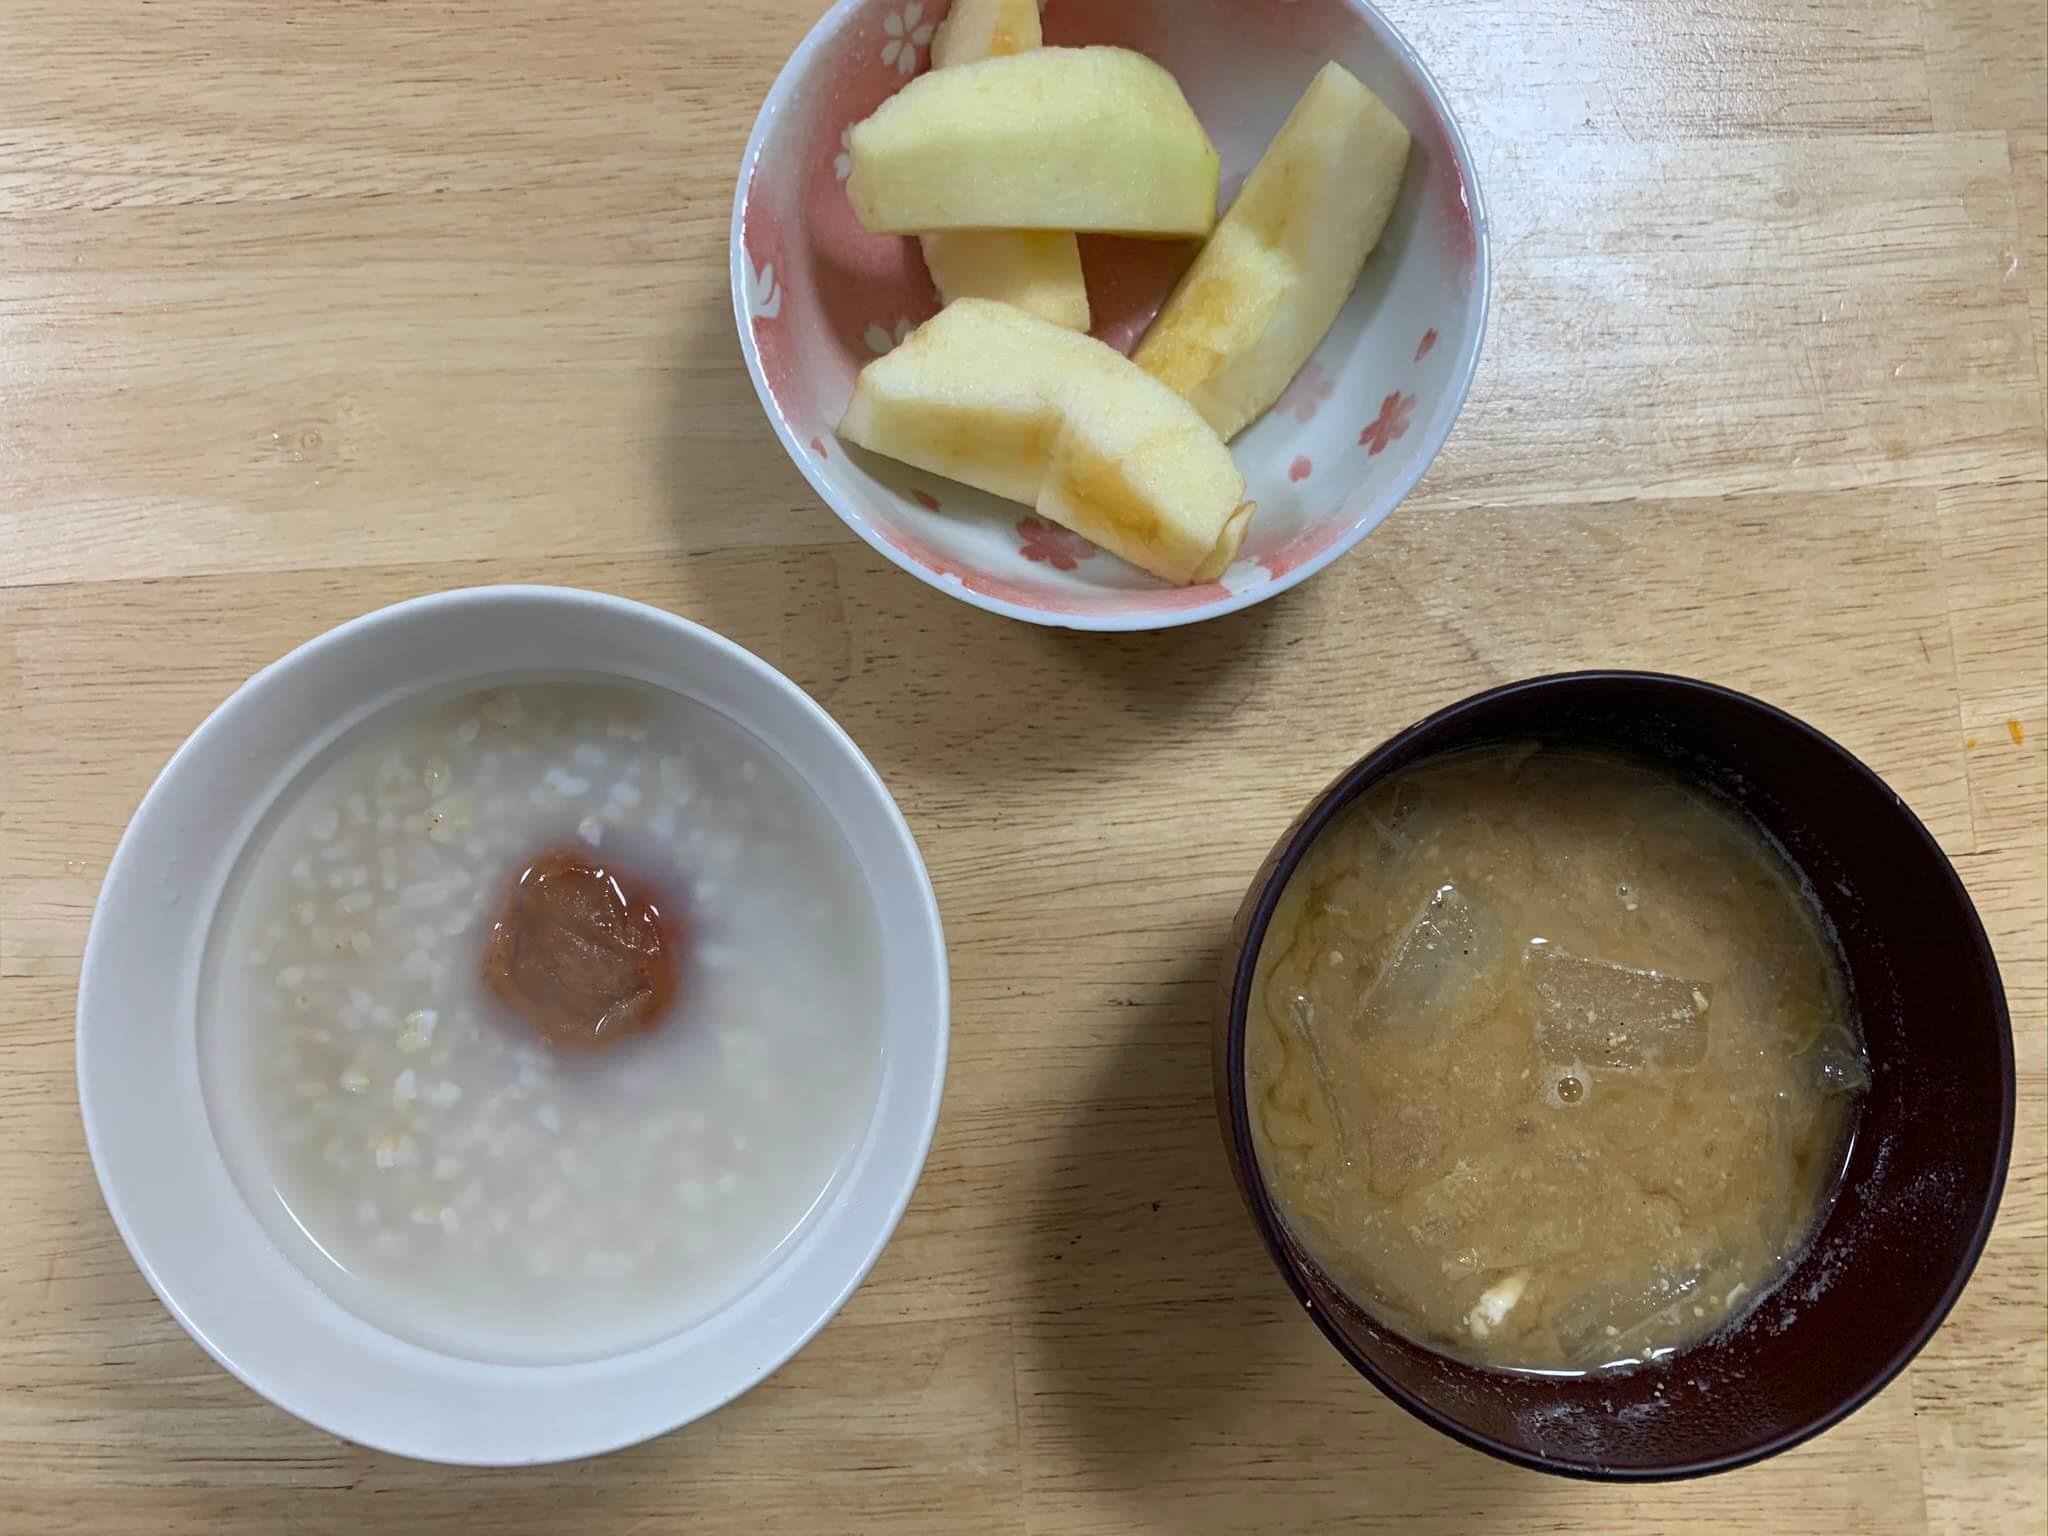 【断食】ファスティング回復食3日目のメニュー 玄米取り入れました